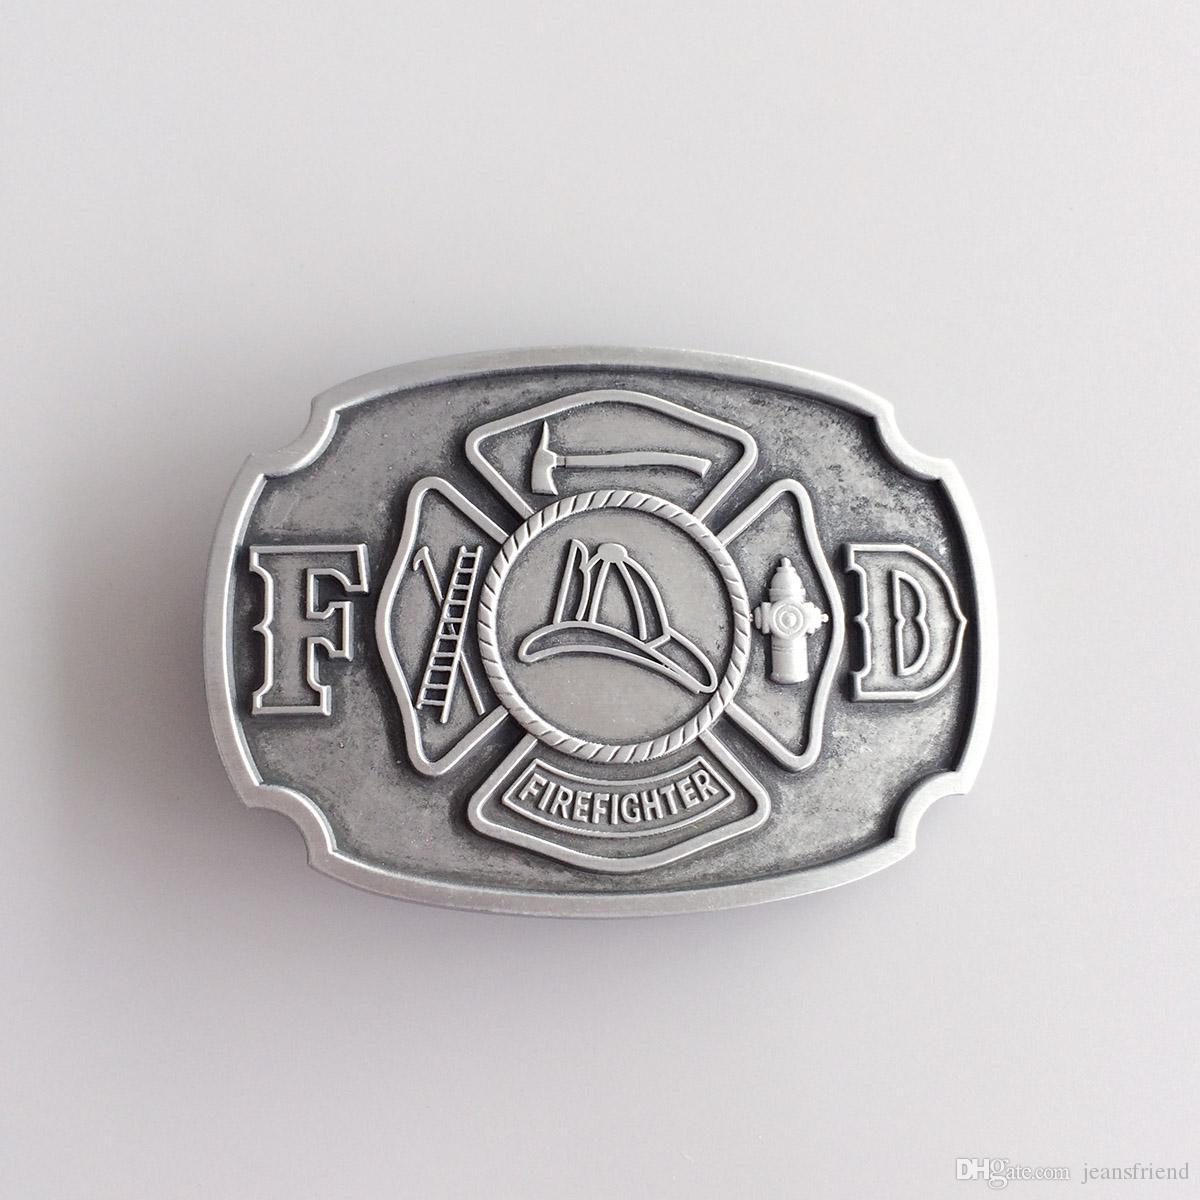 Antique Brass Plated Fire Firefighter Belt Buckle